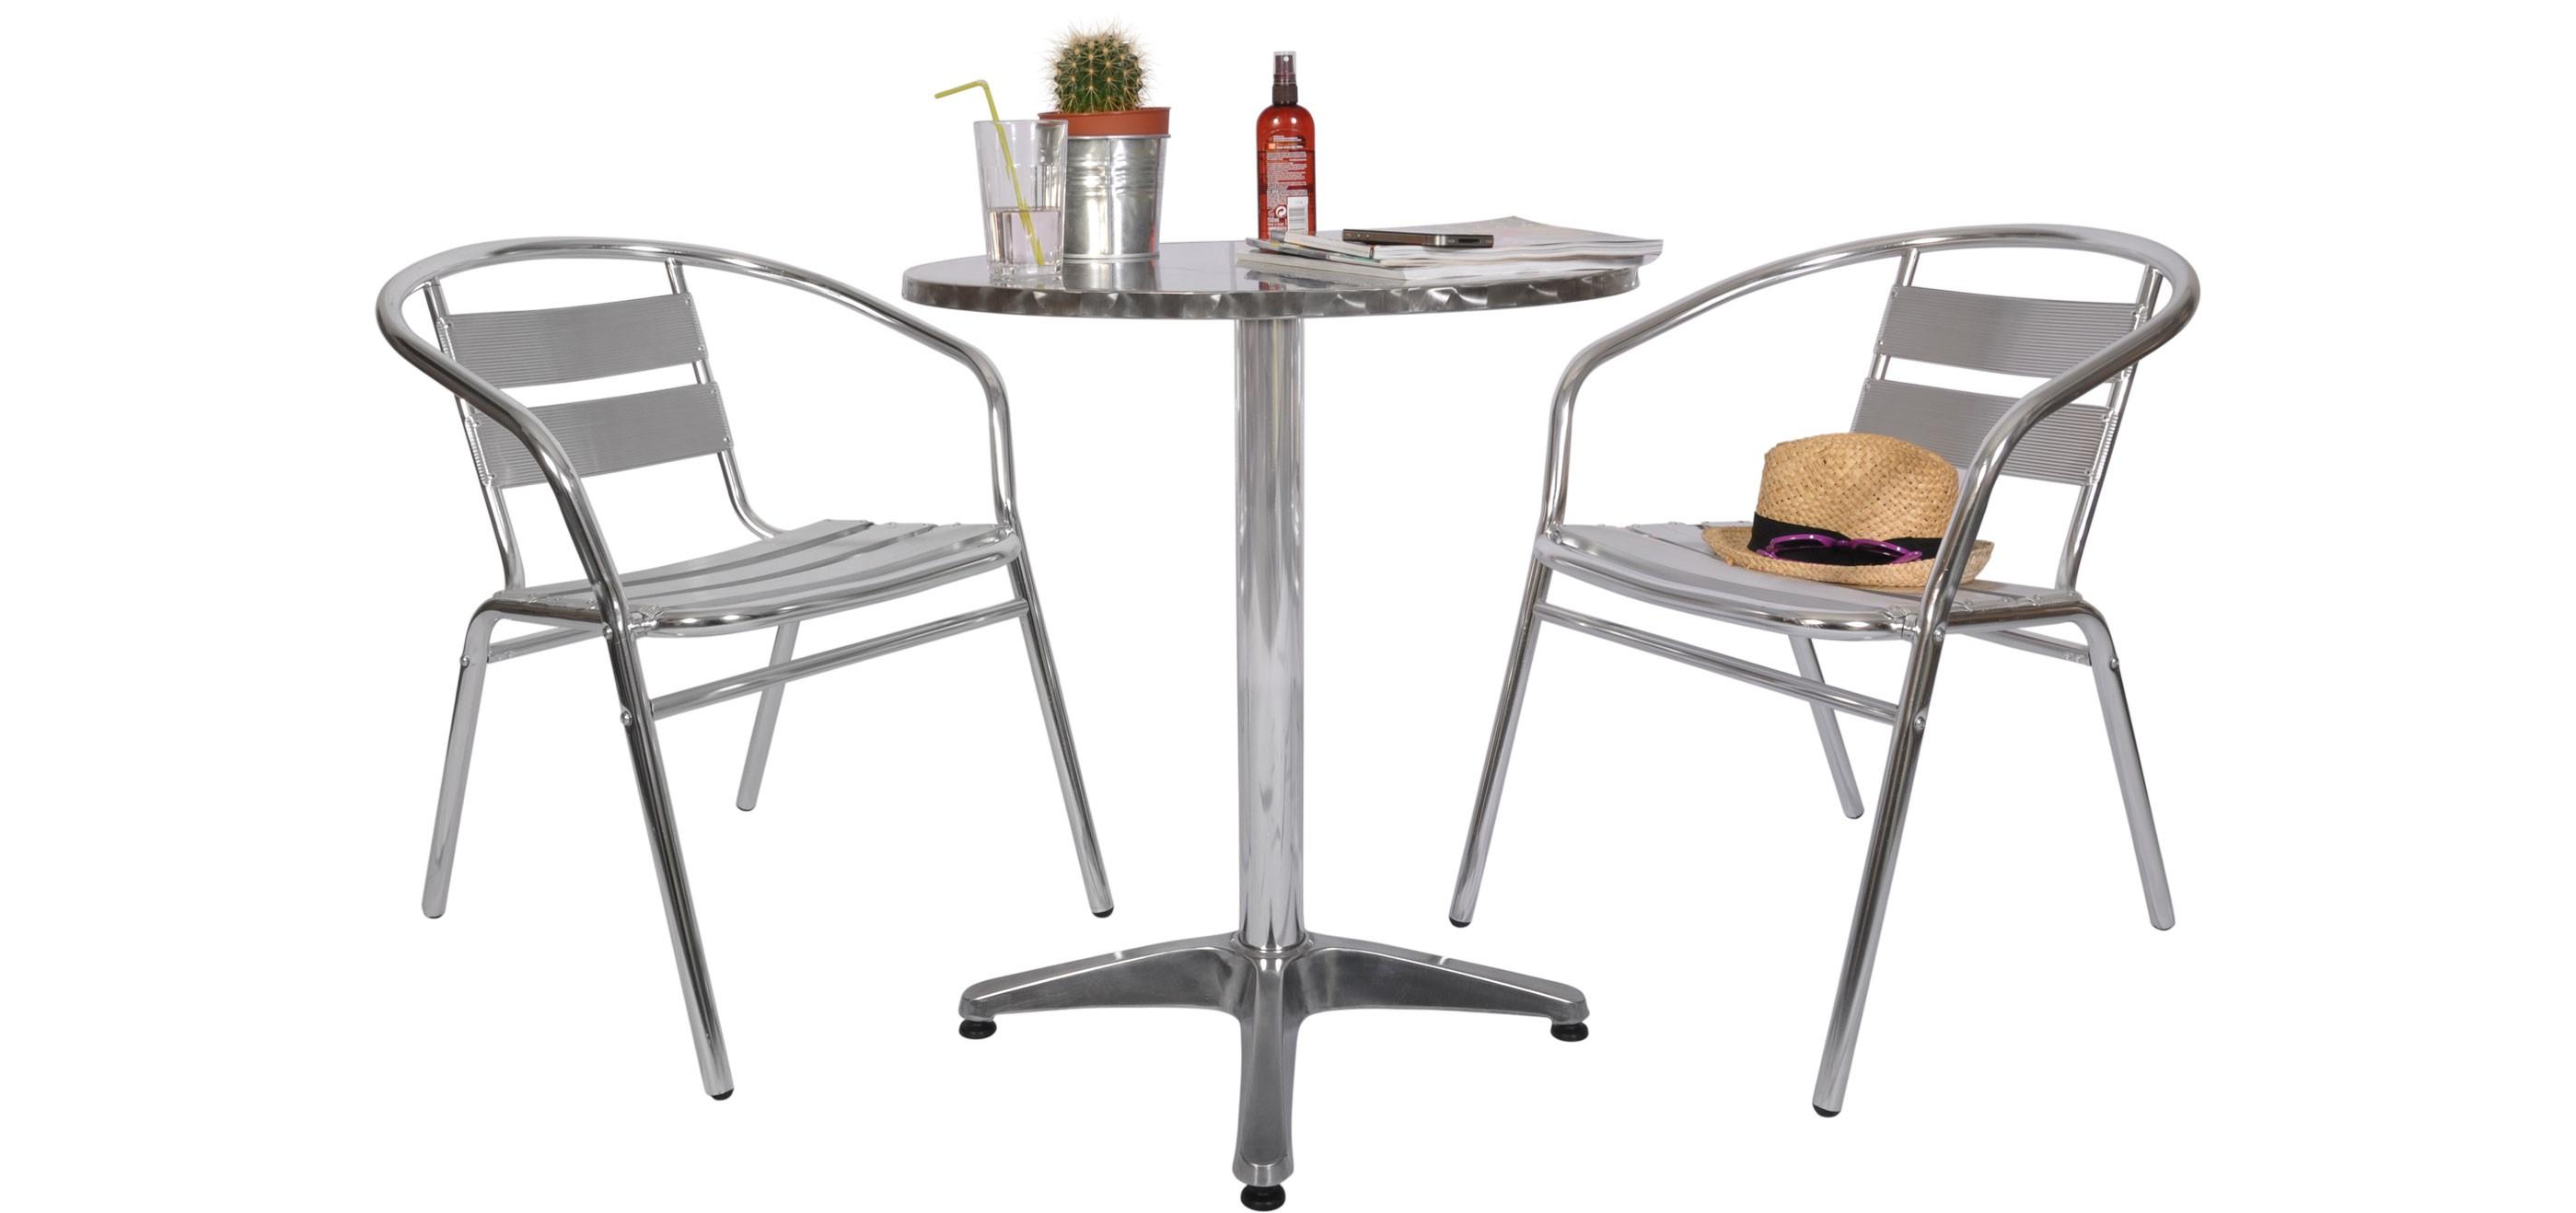 Chaise bistrot : découvrez nos lots de chaises bistrots en ...